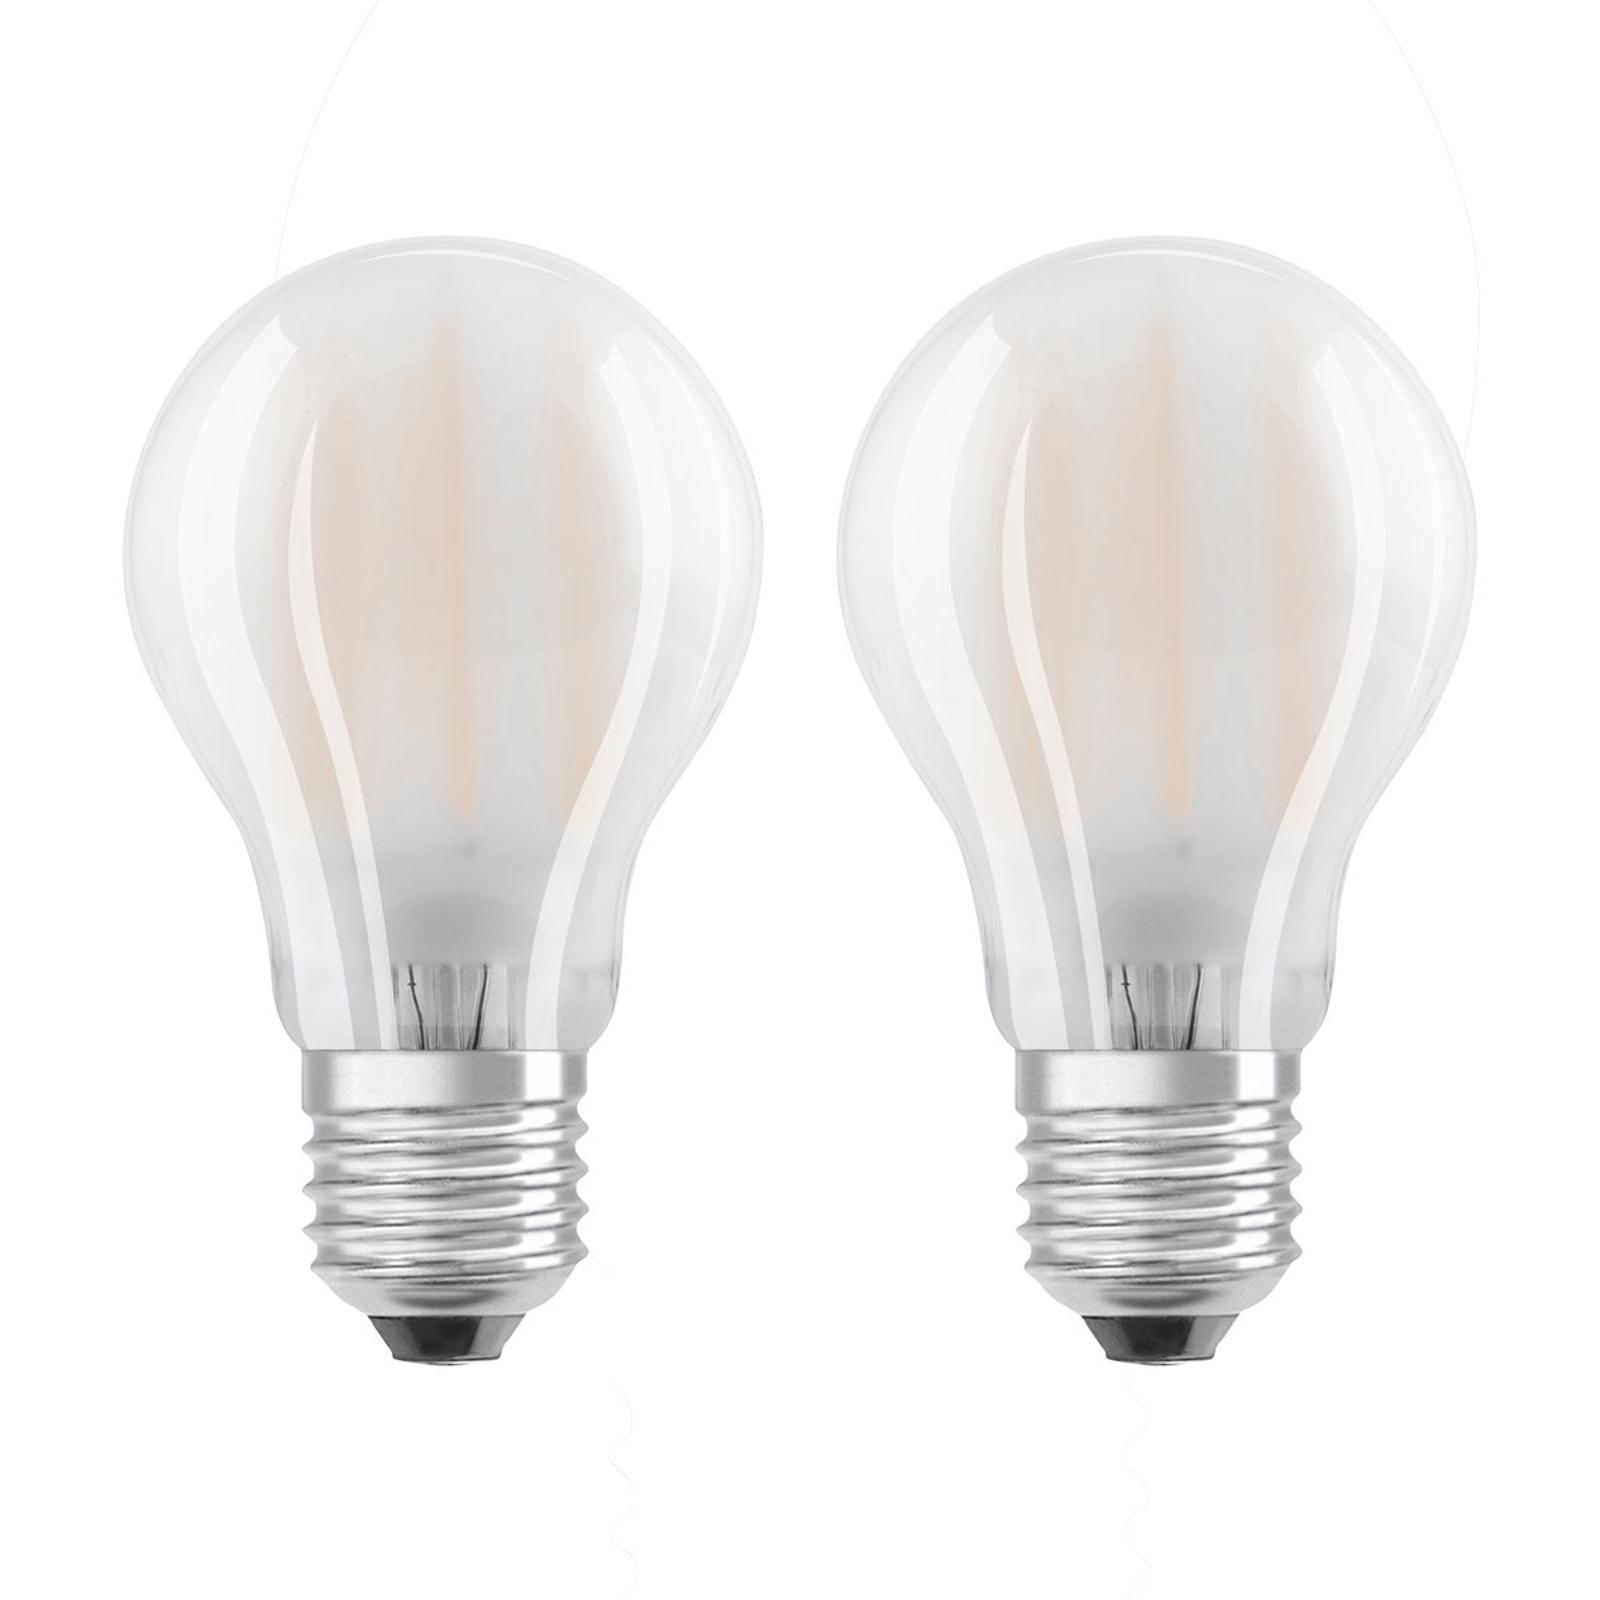 OSRAM LED-pære E27 7 W, varmhvit, 2-pakk